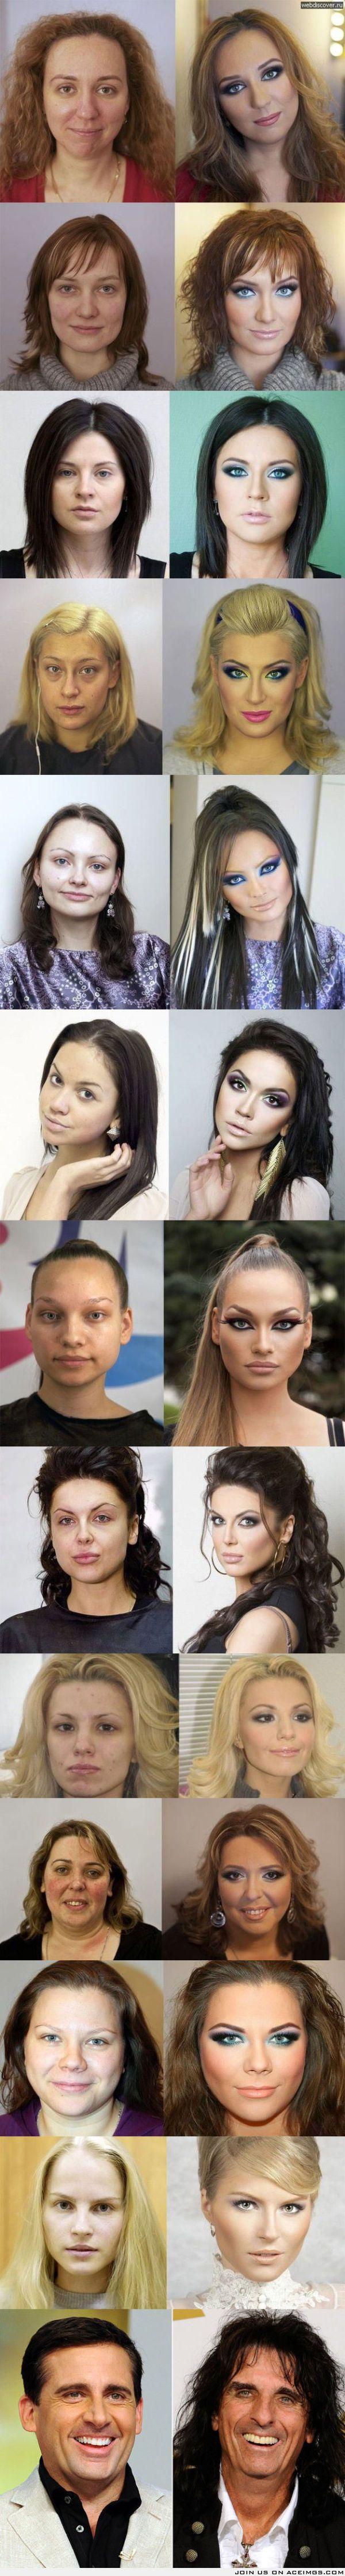 El poder del maquillaje  Antes y Después  www.facebook.com/AleSalasmx